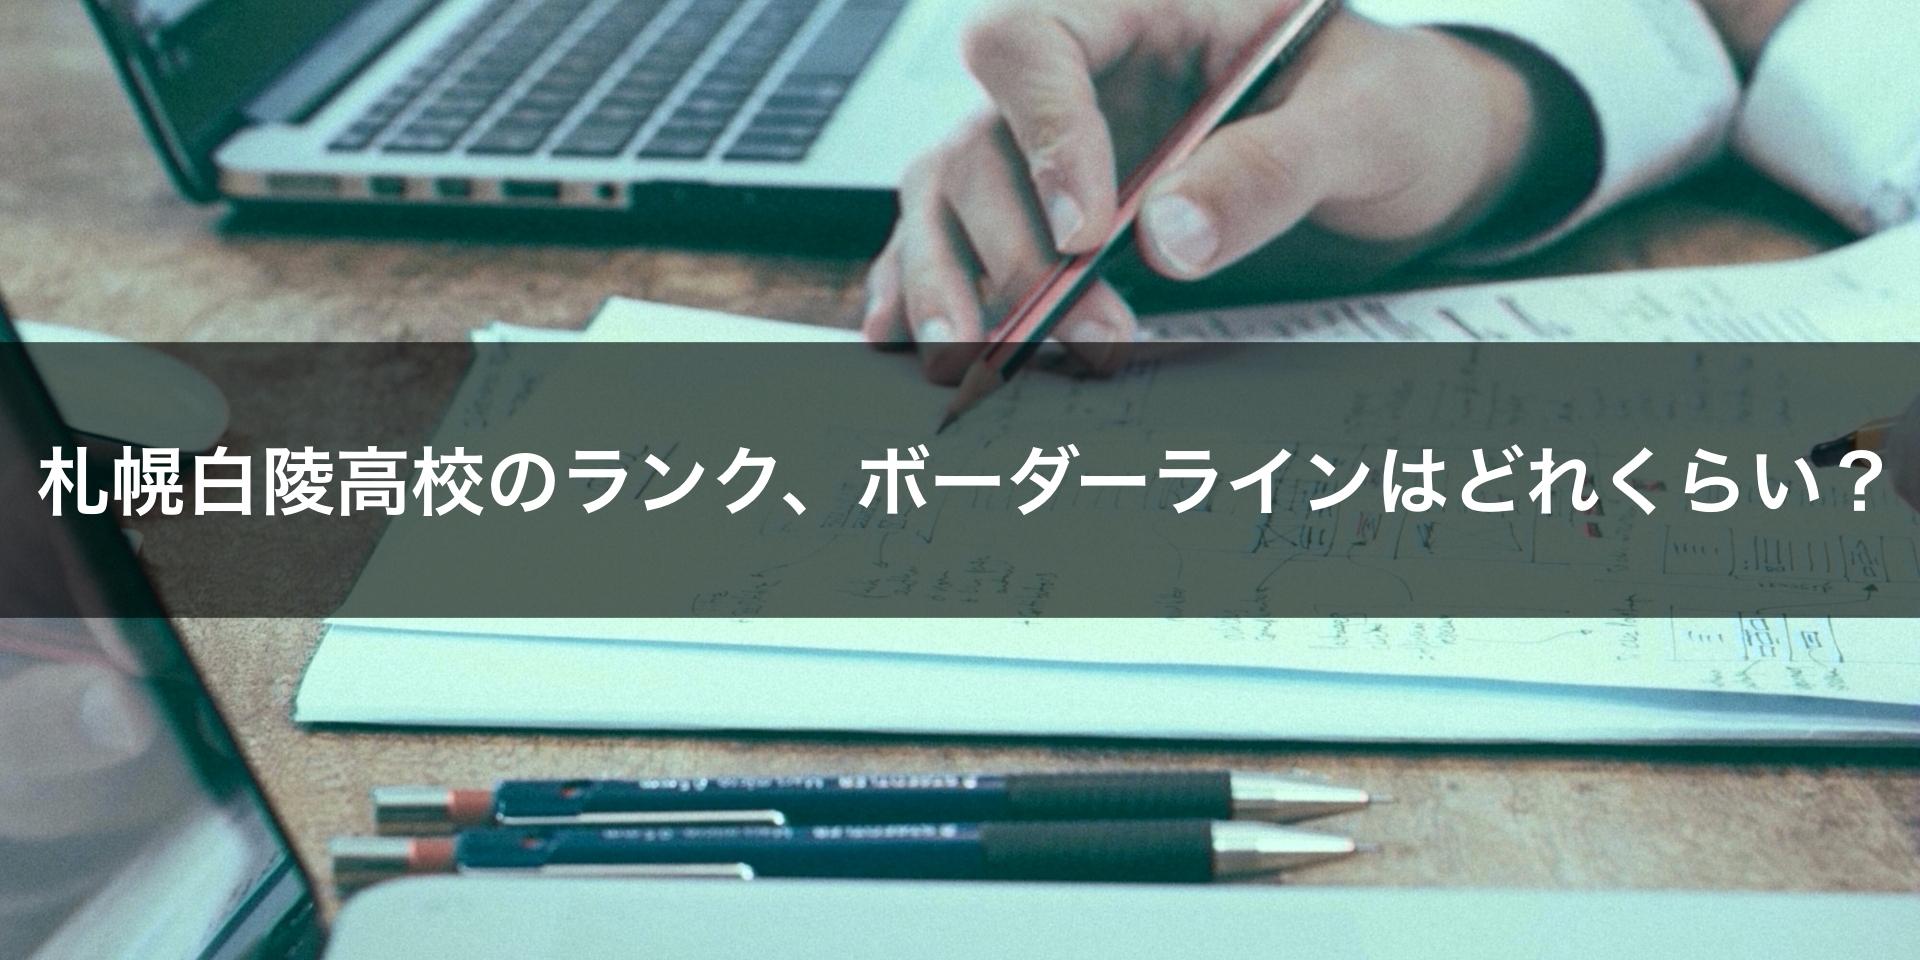 札幌白陵高校のランク、ボーダーラインはどれくらい?